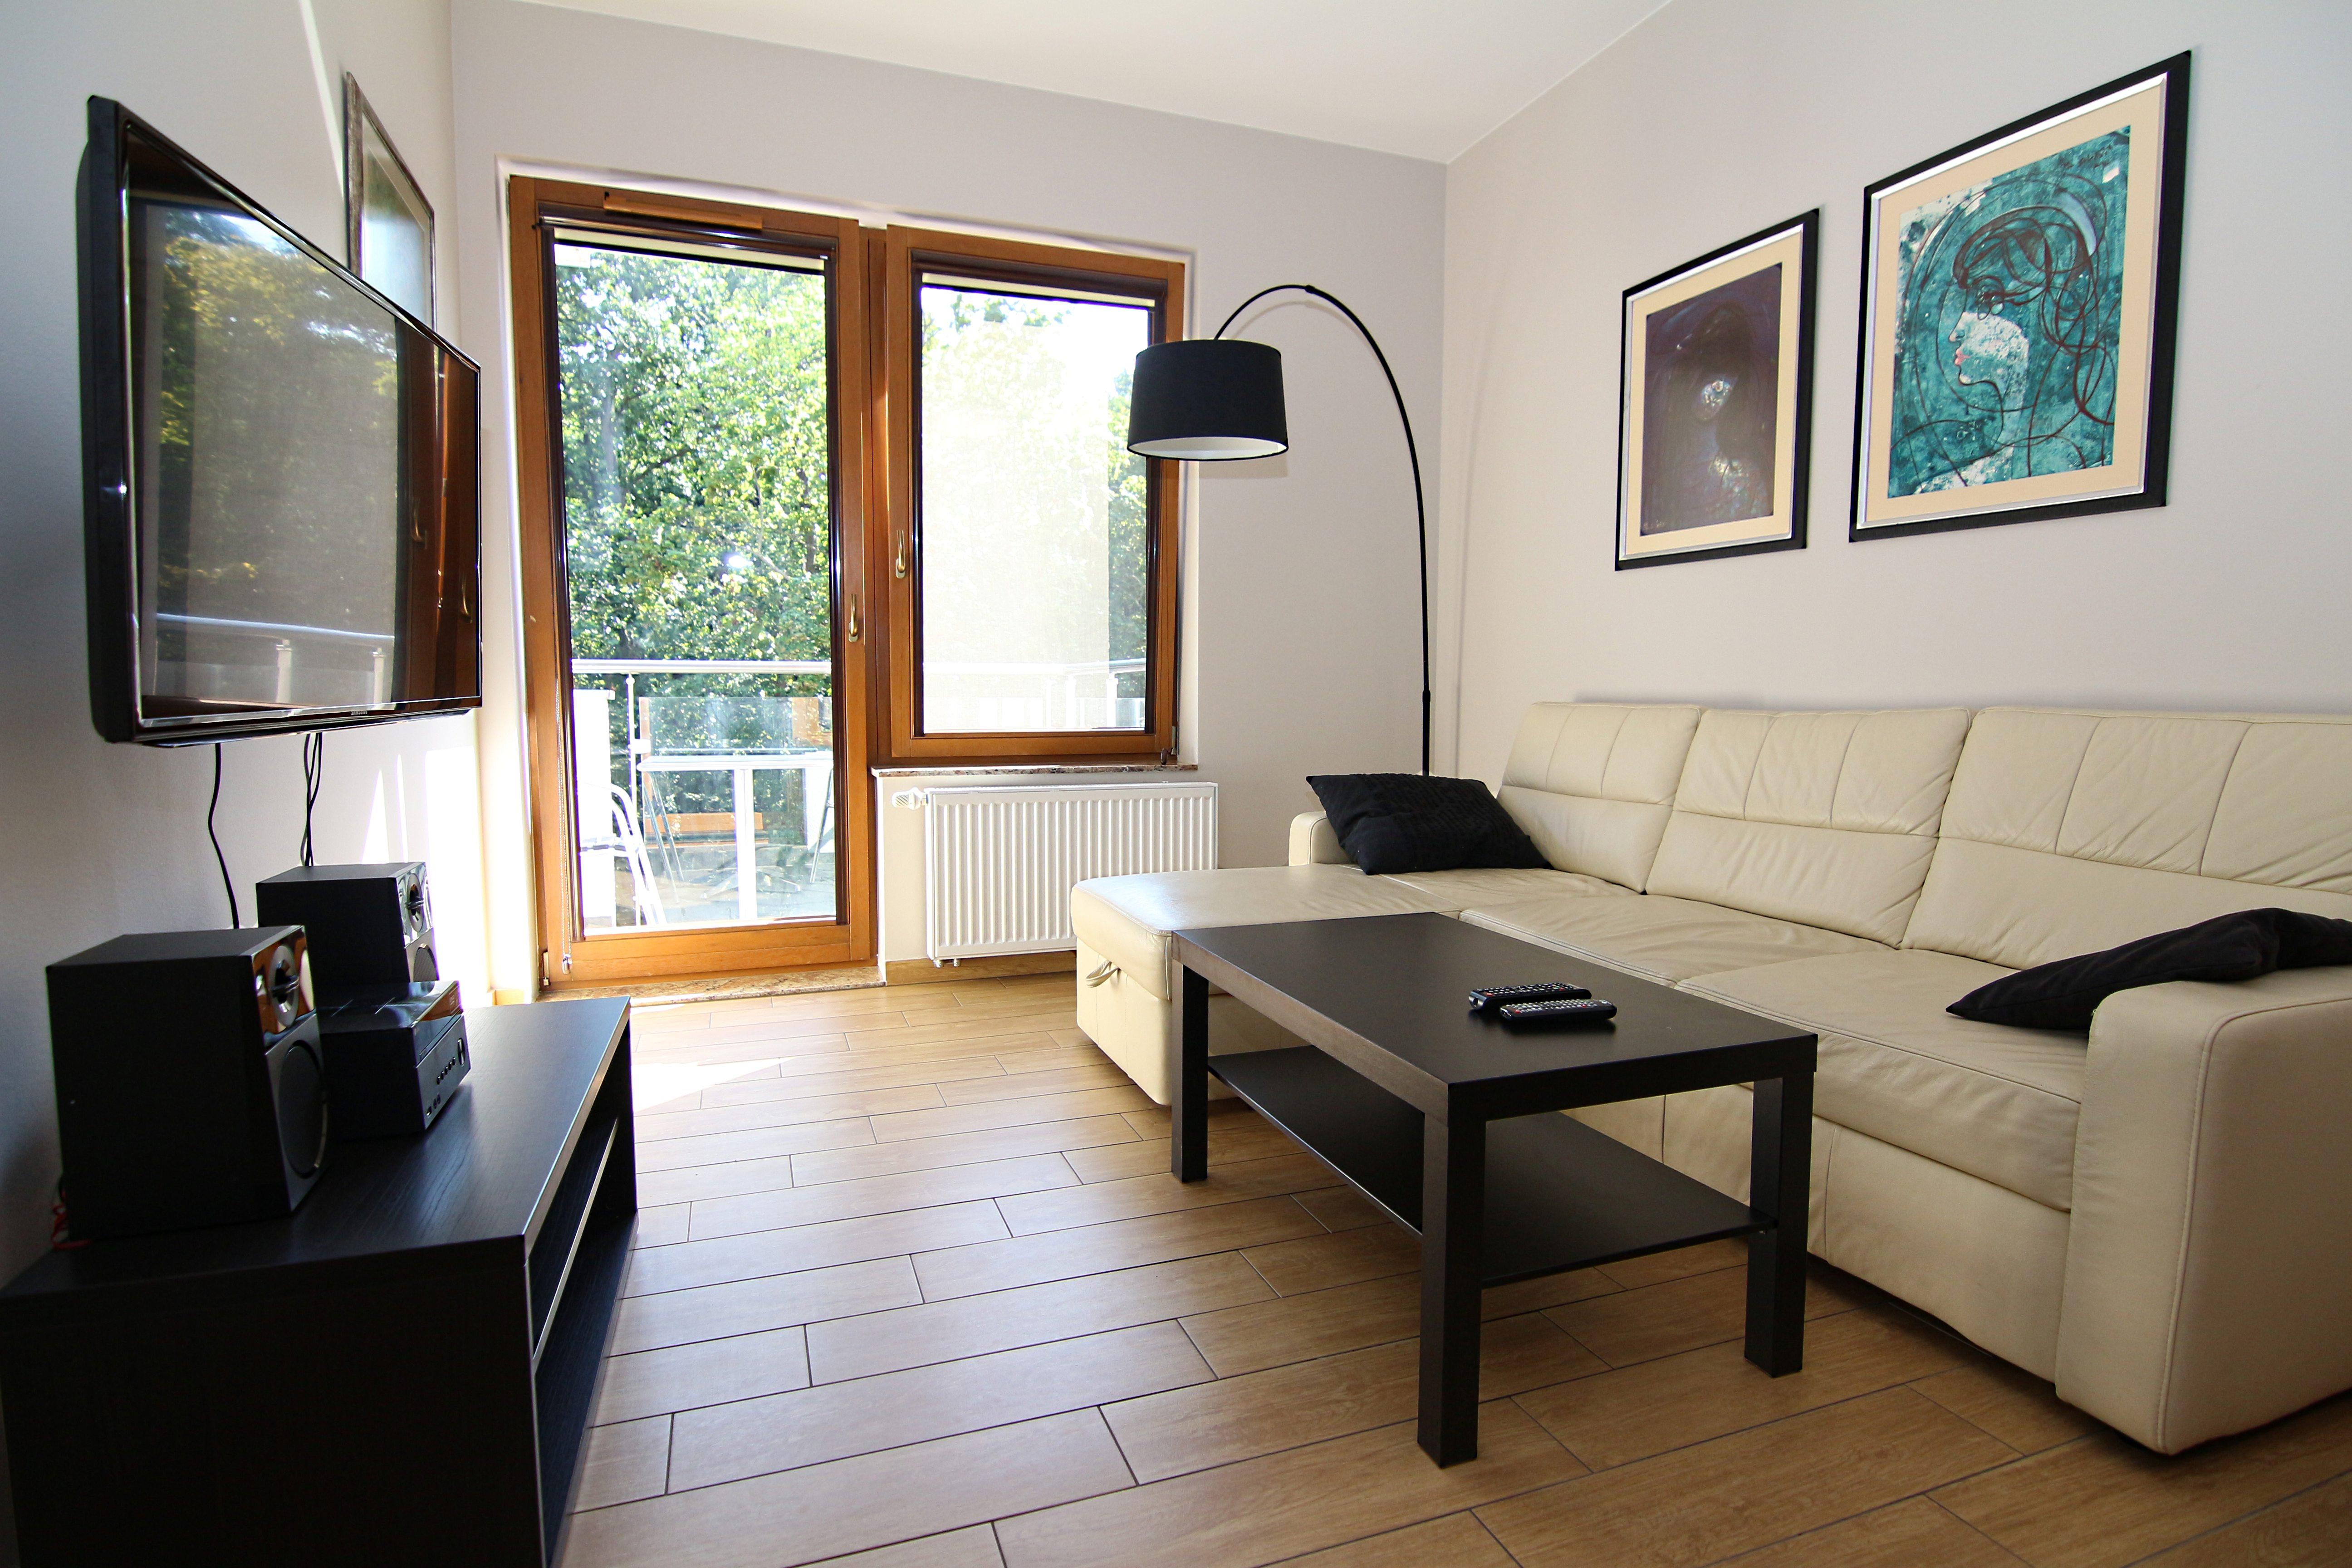 Apartament w dzielnicy nadmorskiej